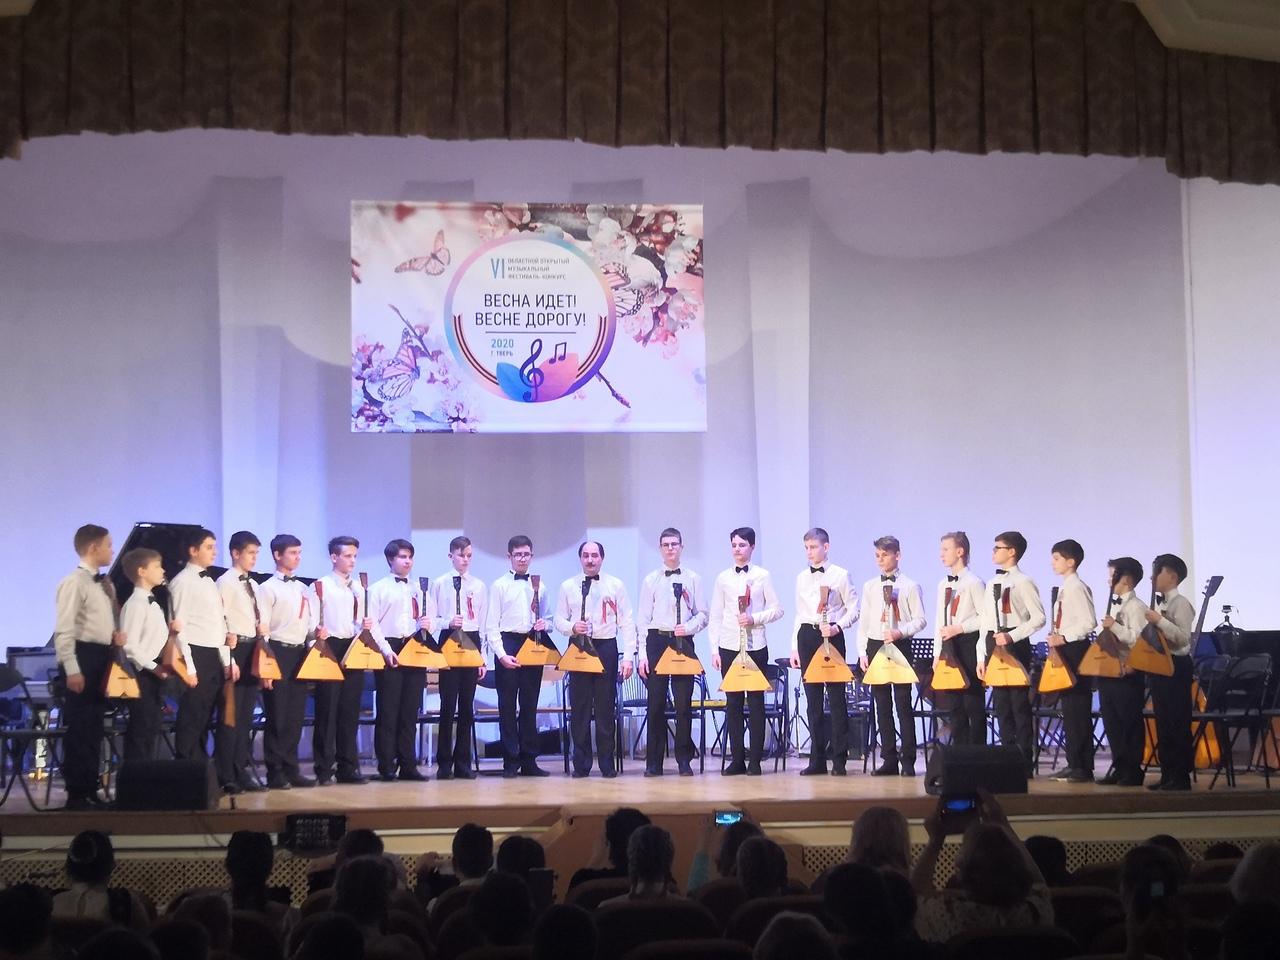 Весенний фестиваль собрал в тверском музыкальном колледже 3000 школьников